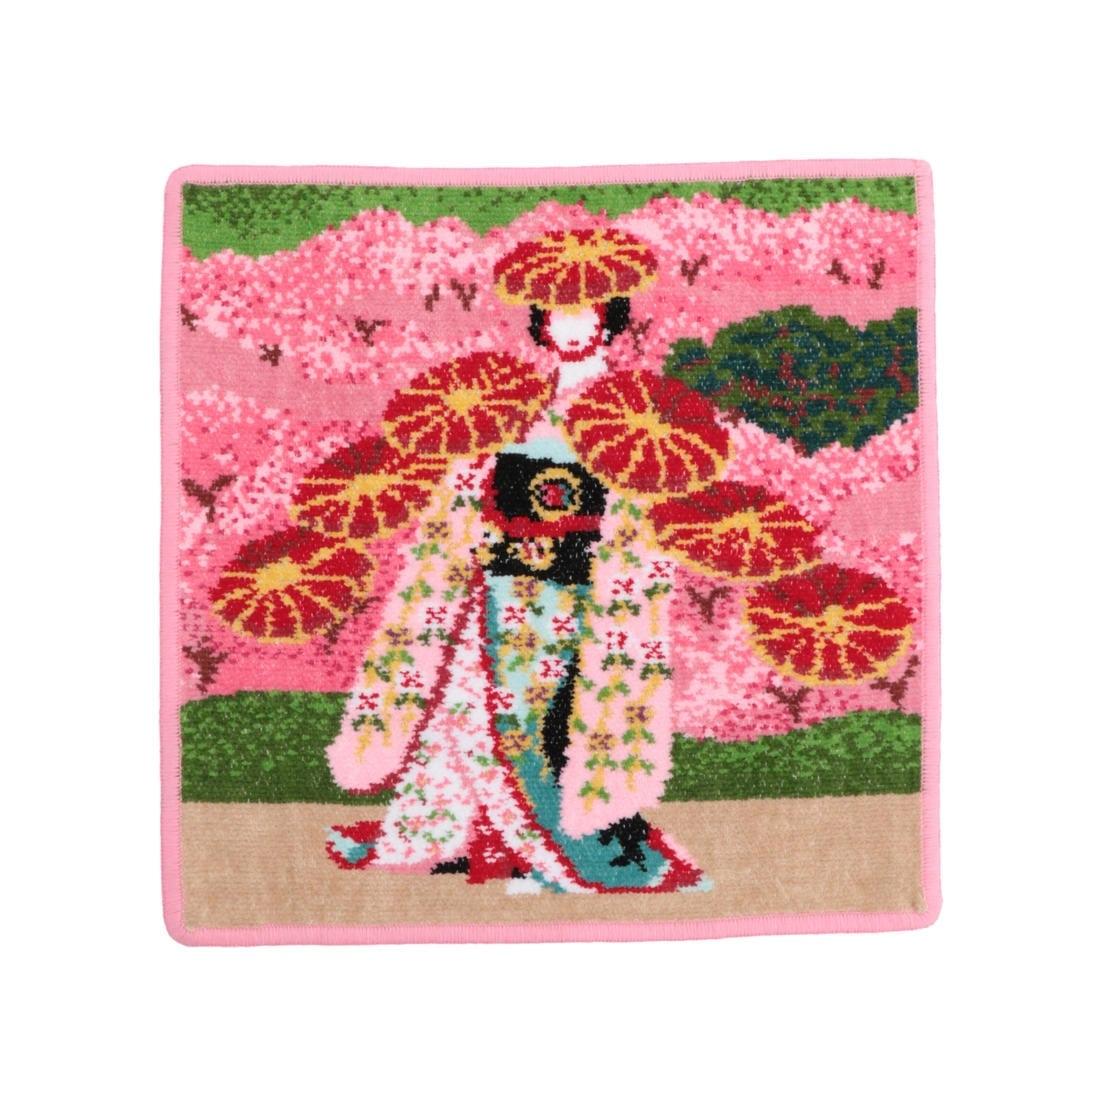 歌舞伎コラボ 京鹿子娘道成寺 ウォッシュタオル(取扱店舗限定)